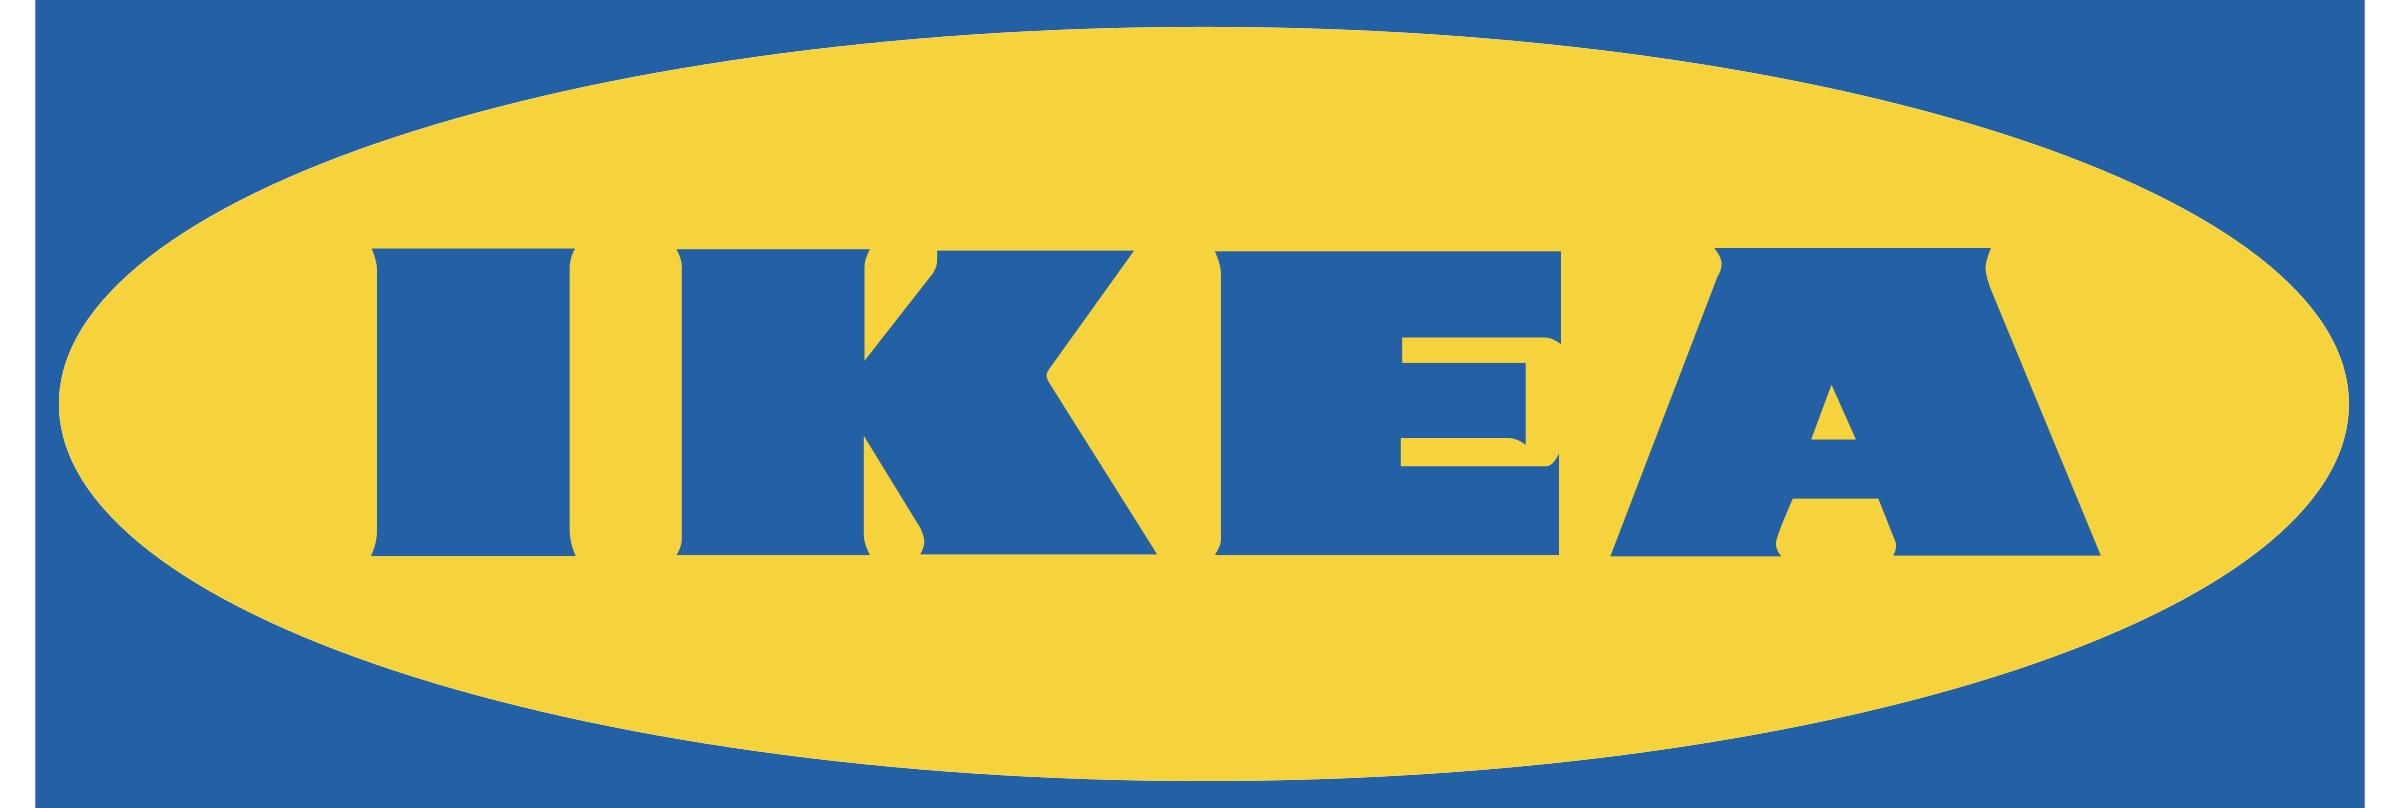 ikea-1-logo-png-transparent.jpg